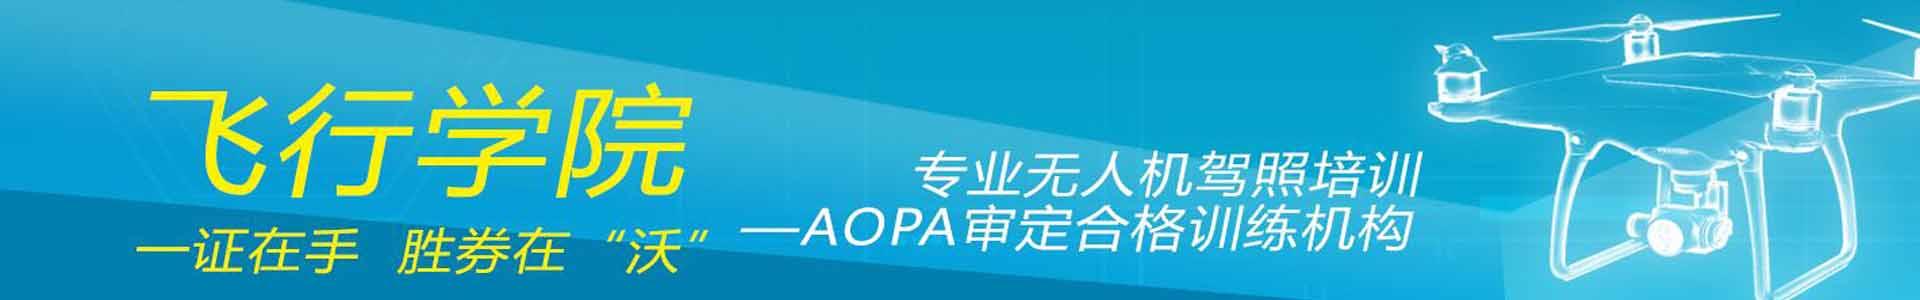 河南郑州沃达航空无人机培训学院